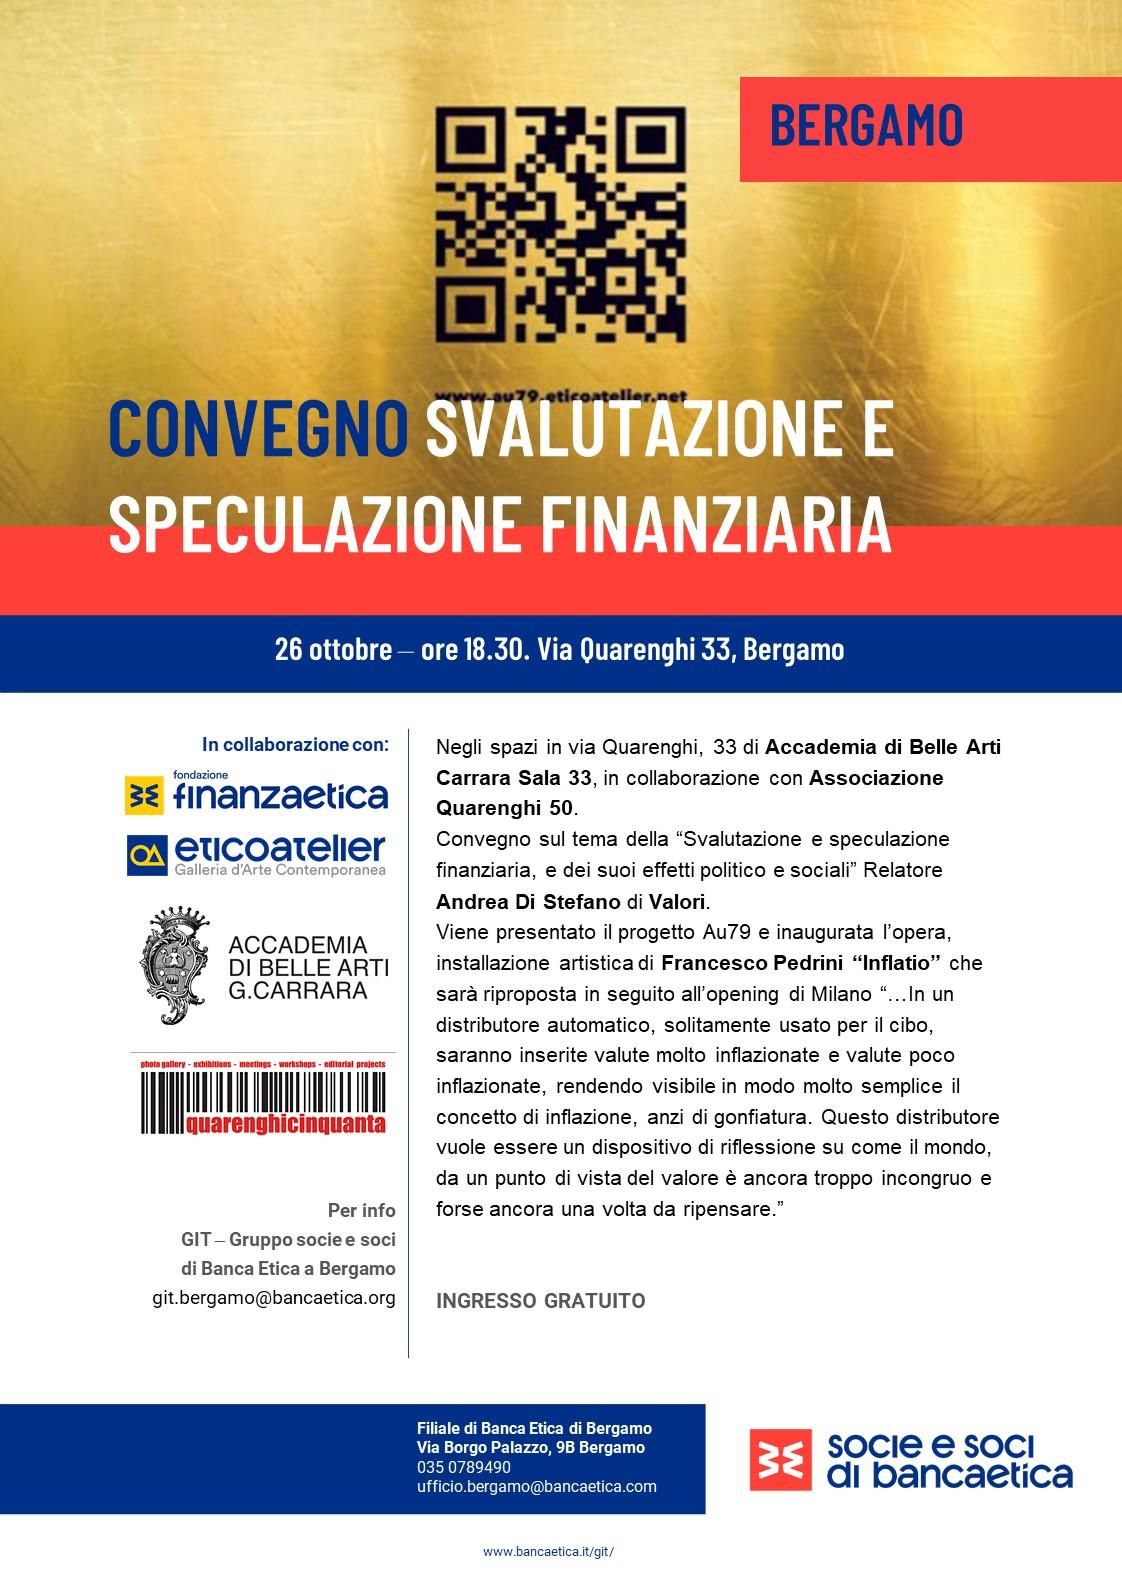 Bergamo Svalutazione e Speculazione Finanziaria